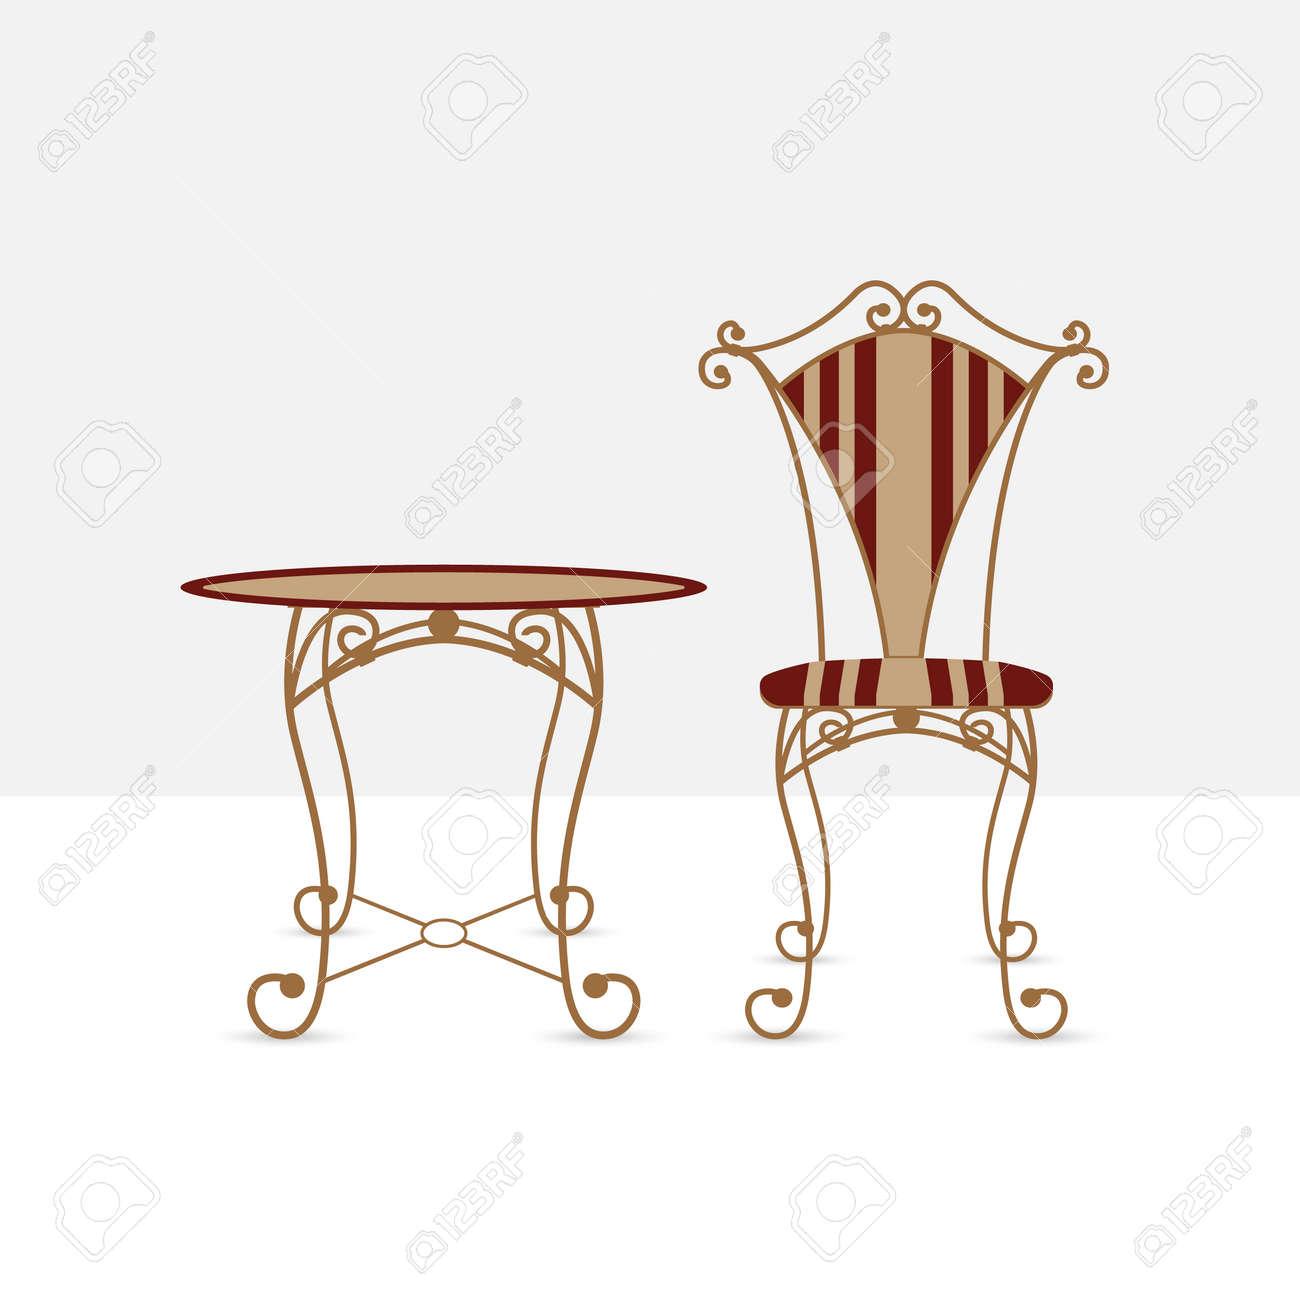 Tisch Und Stuhl. Geschmiedete Tisch Und Stuhl, Retro-Stil, Vektor ...